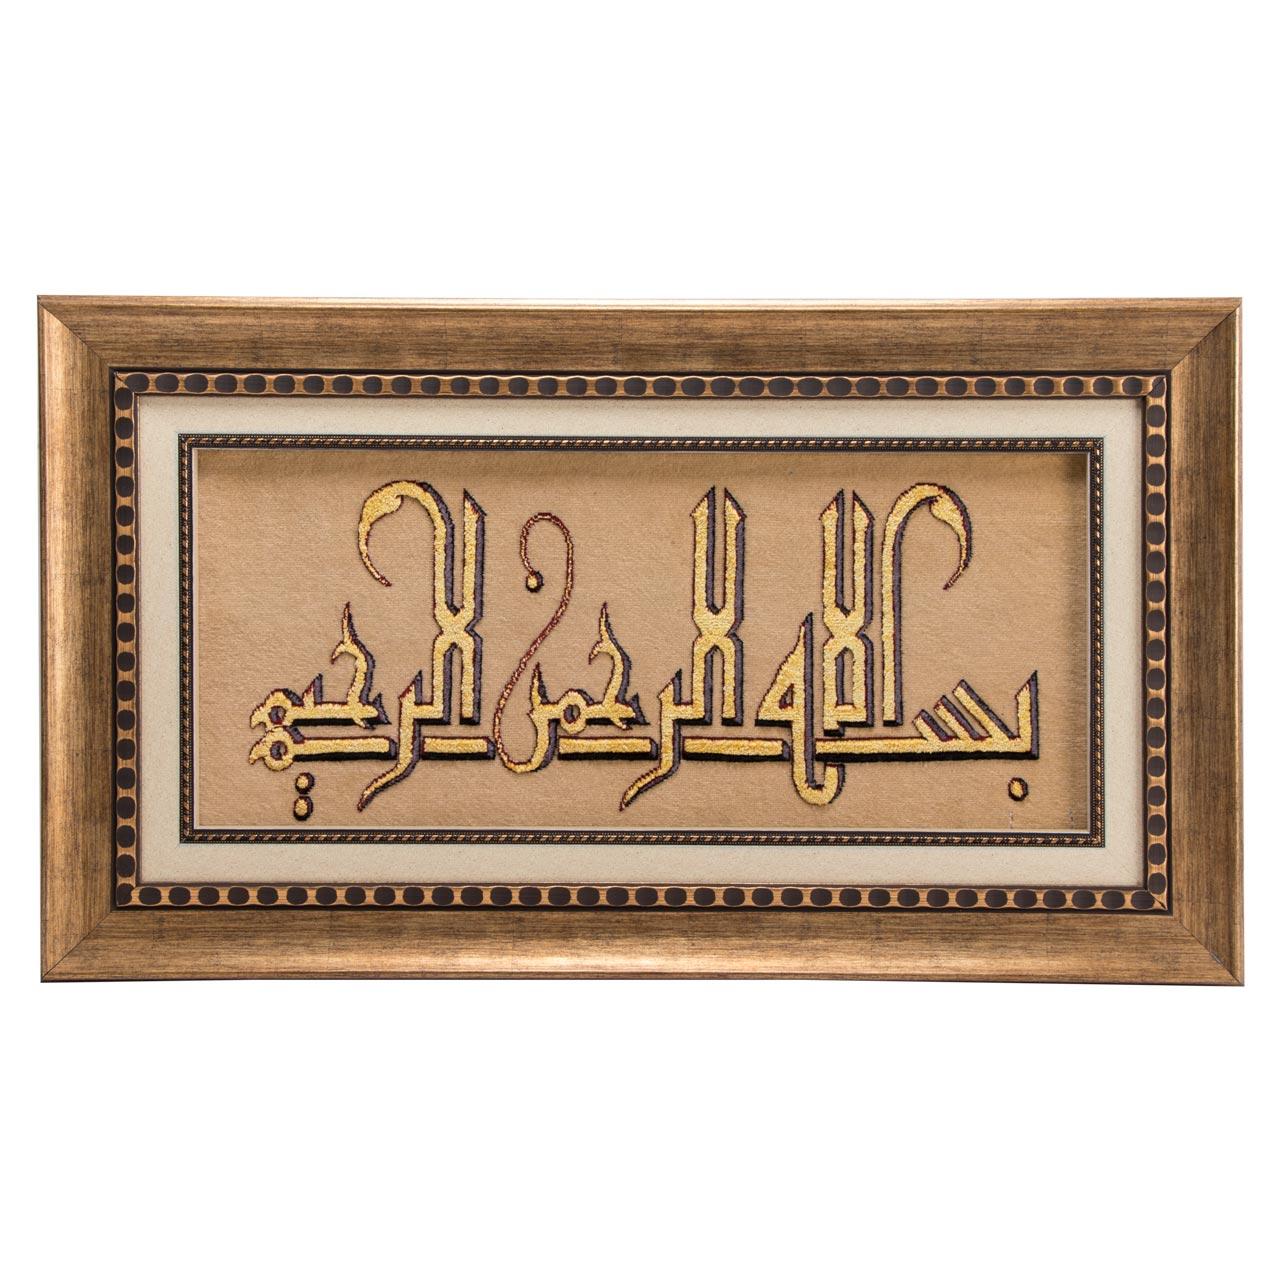 تابلو فرش دستباف بسم الله الرحمن الرحیم برجسته سی پرشیا کد 901453